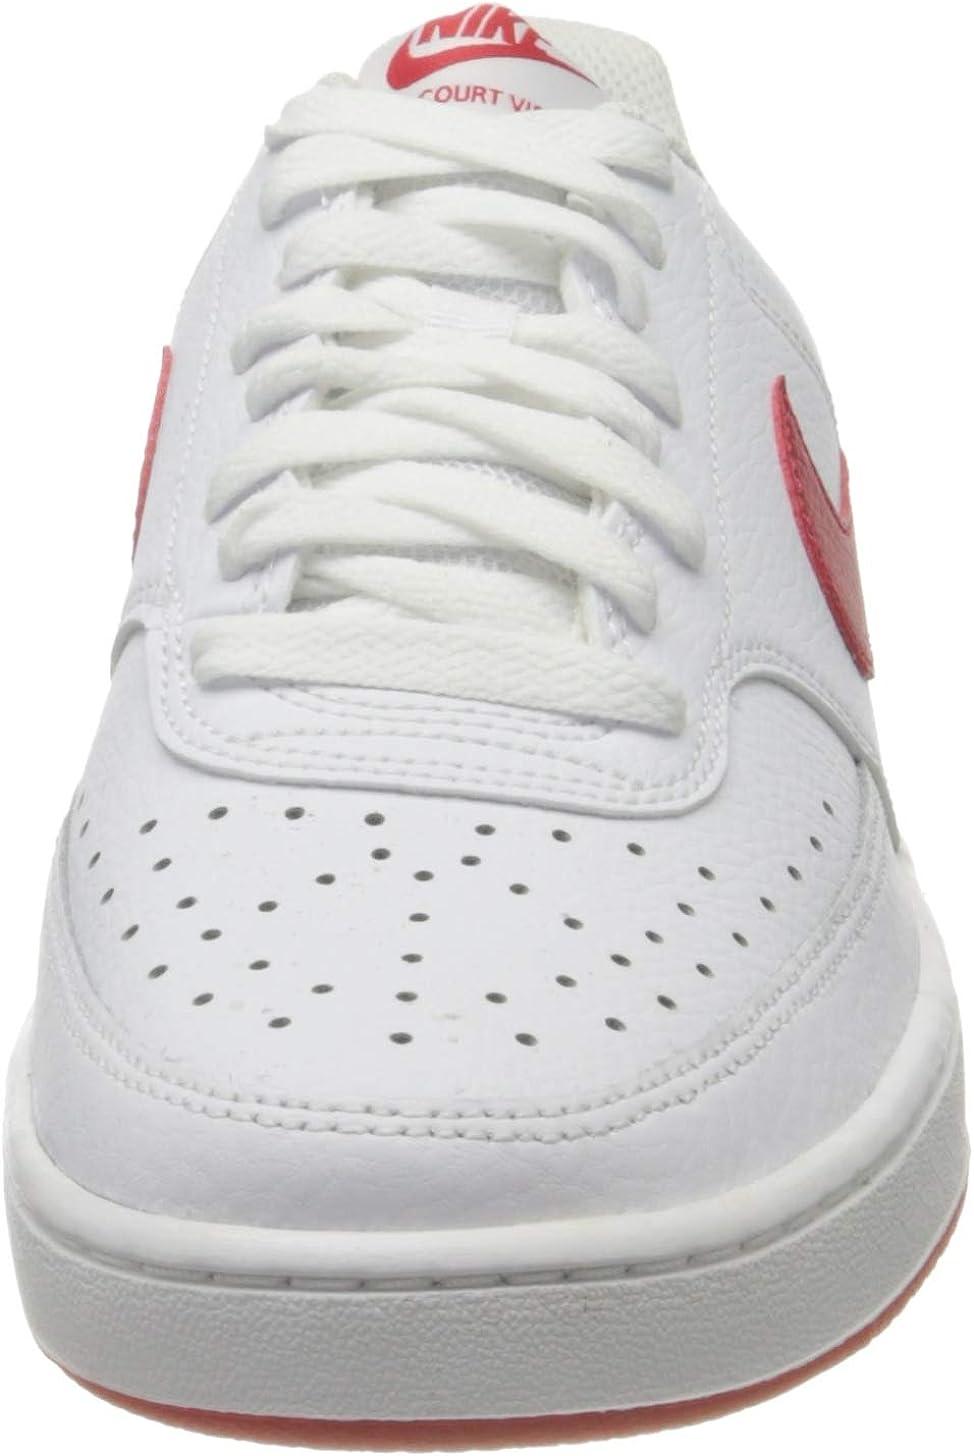 Nike Court Vision Lo Chaussure de Basket Homme Sports et Loisirs Homme